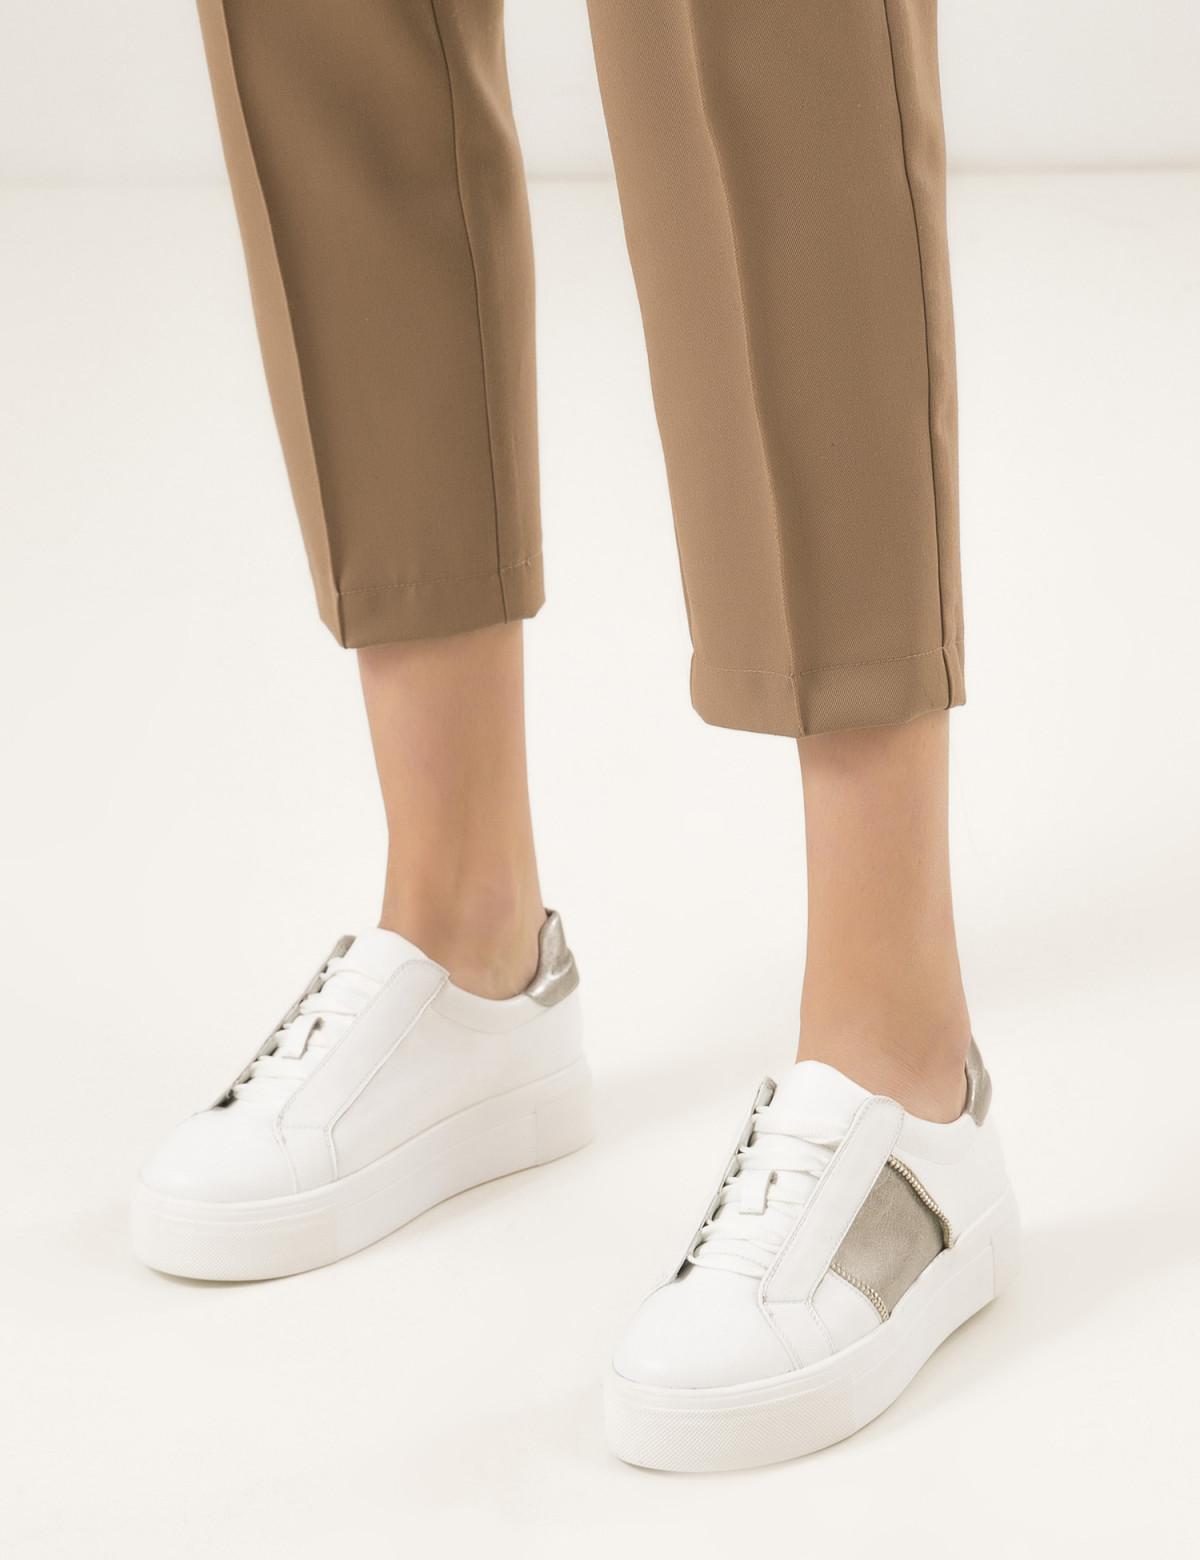 Кроссовки белые, натуральная кожа5